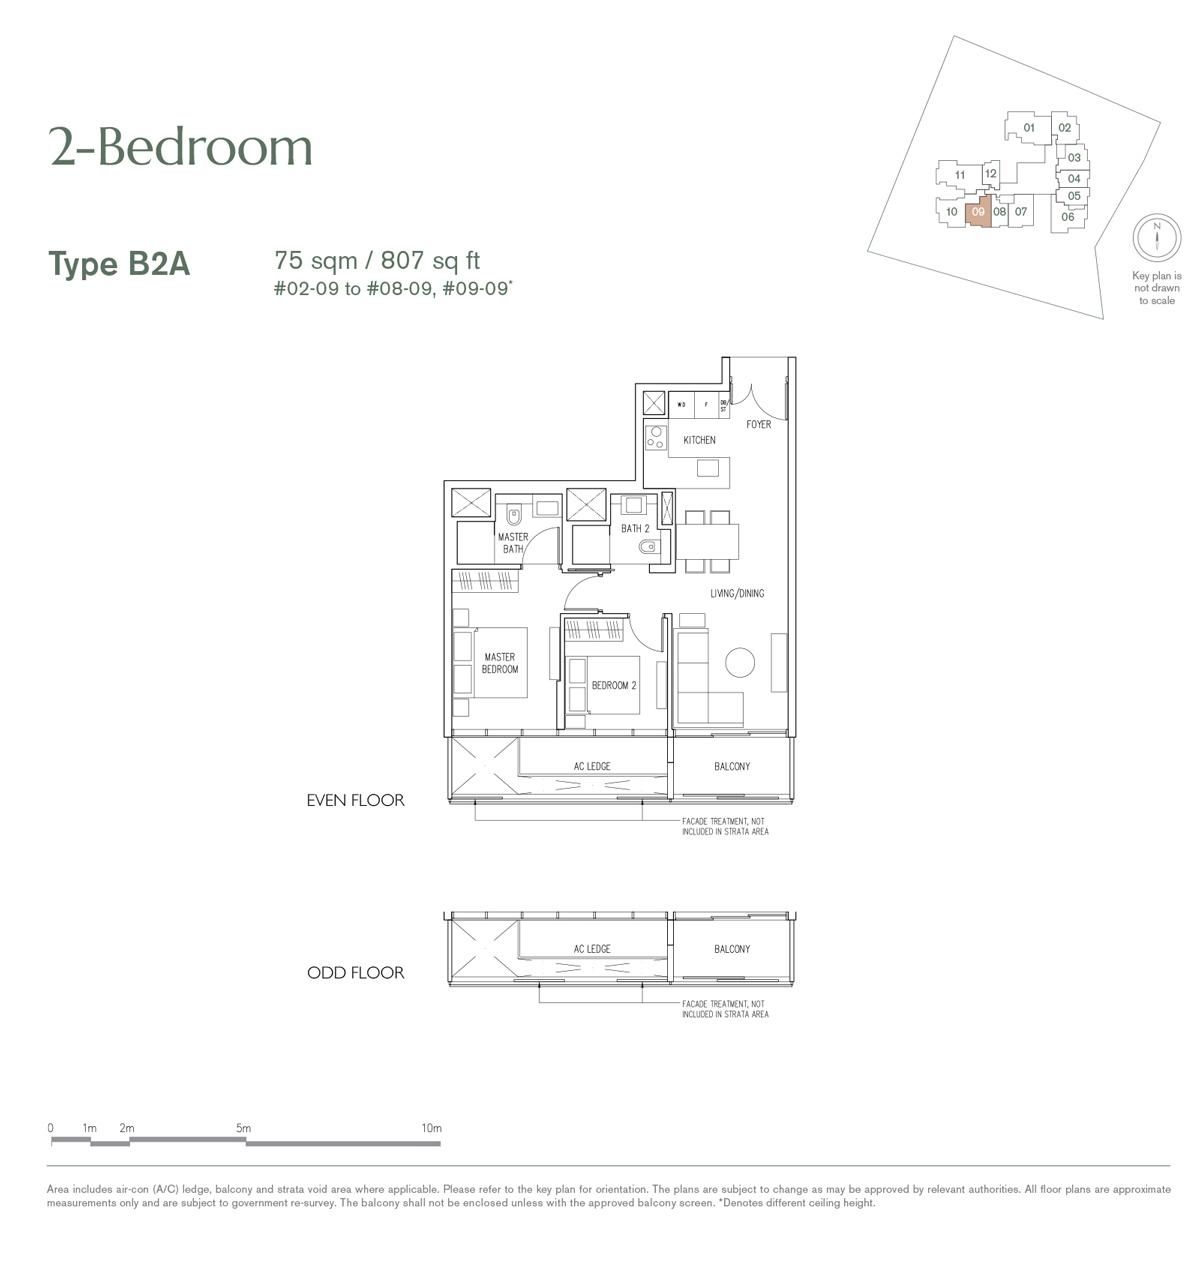 19 Nassim 2 bedroom type B2A